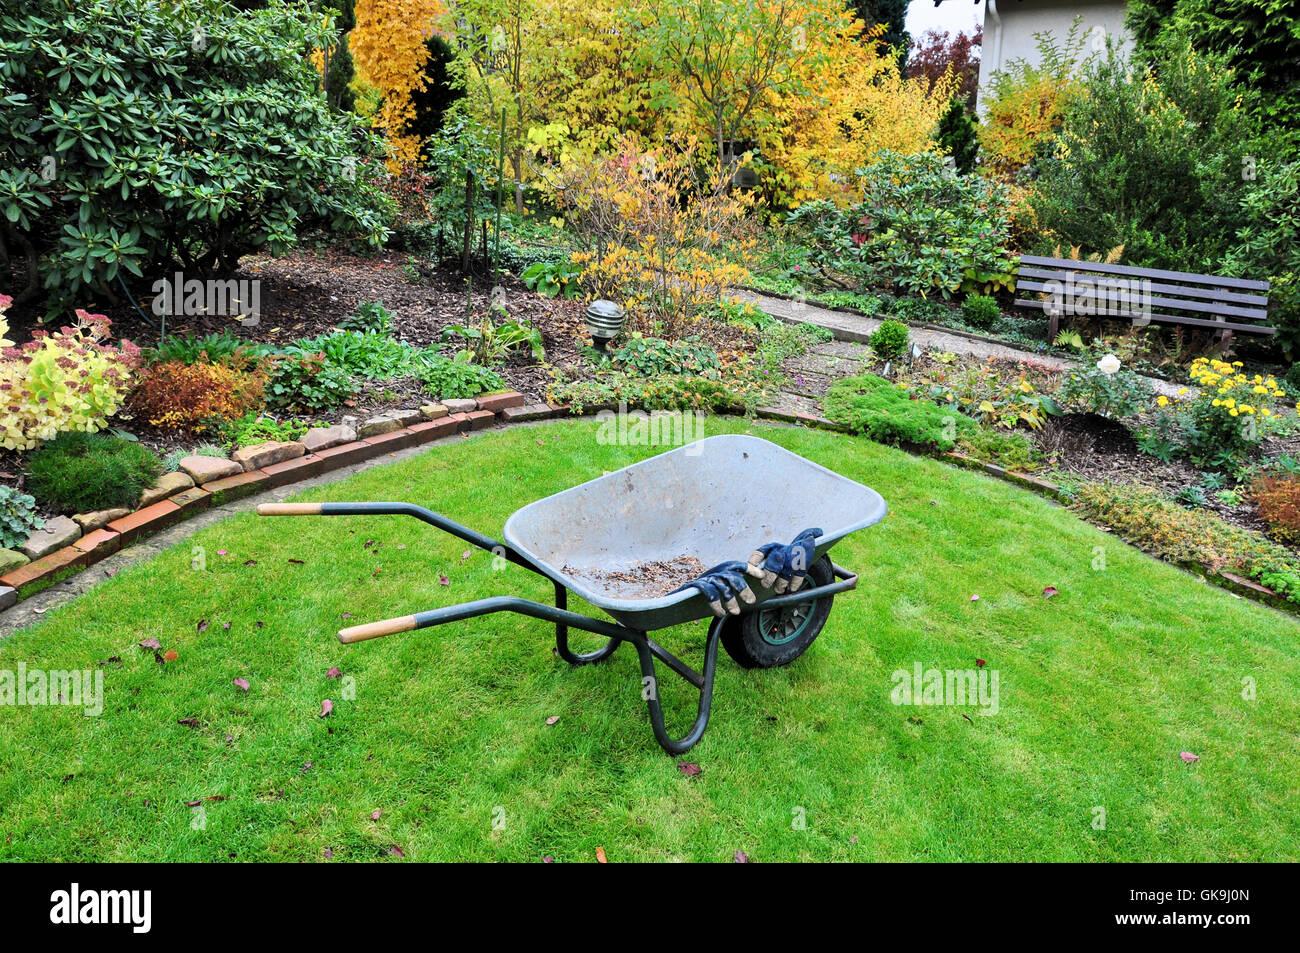 garden maintenance in autumn Stock Photo